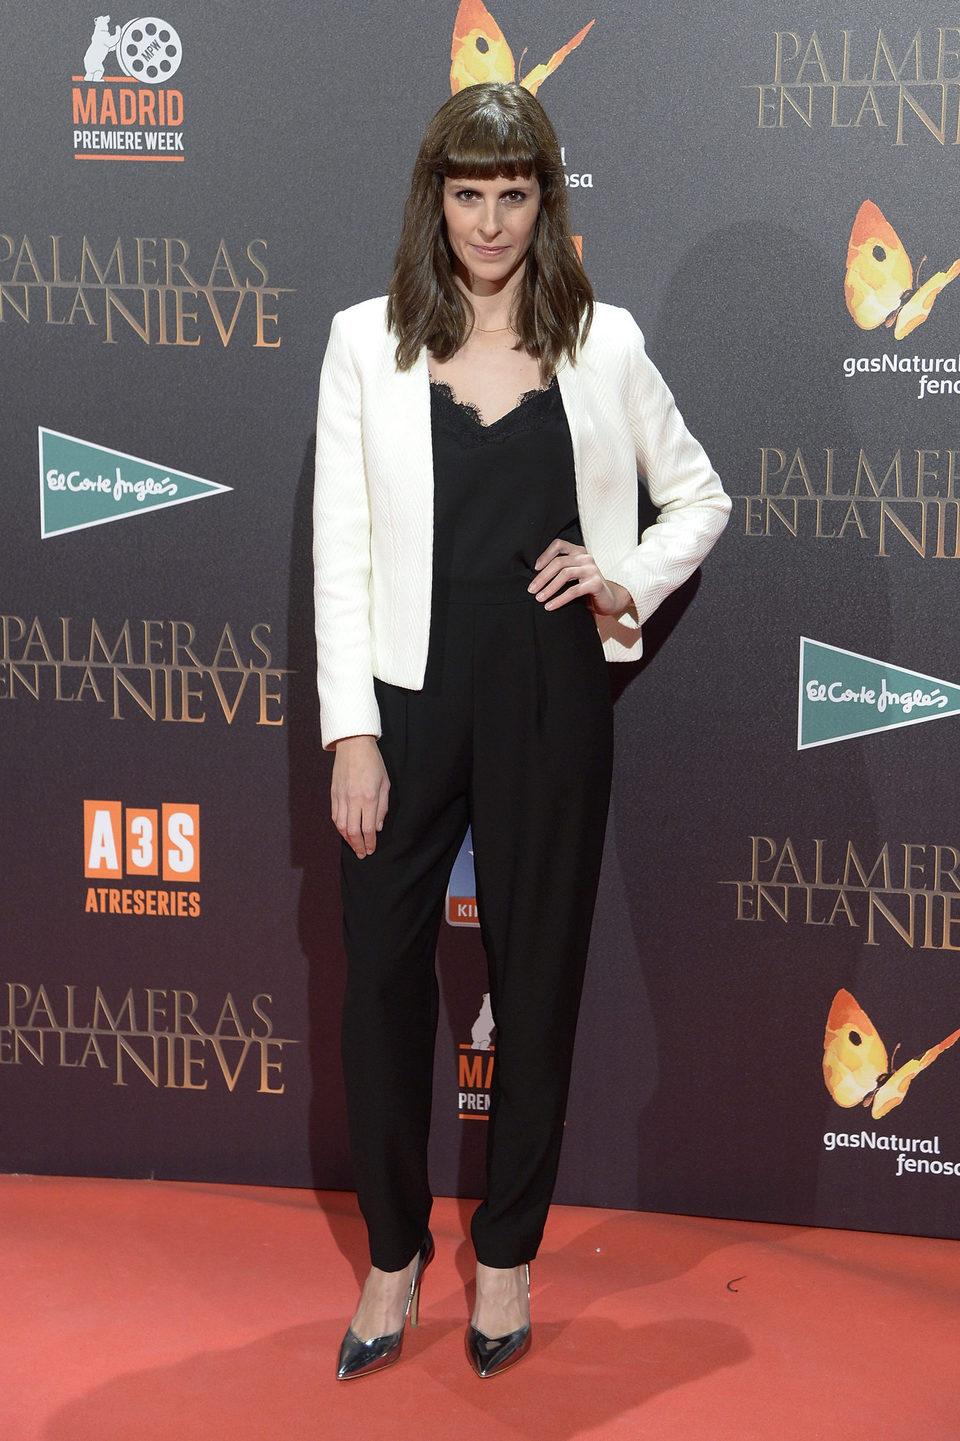 Bárbara Santa-Cruz en la premiere de 'Palmeras en la nieve' en Madrid